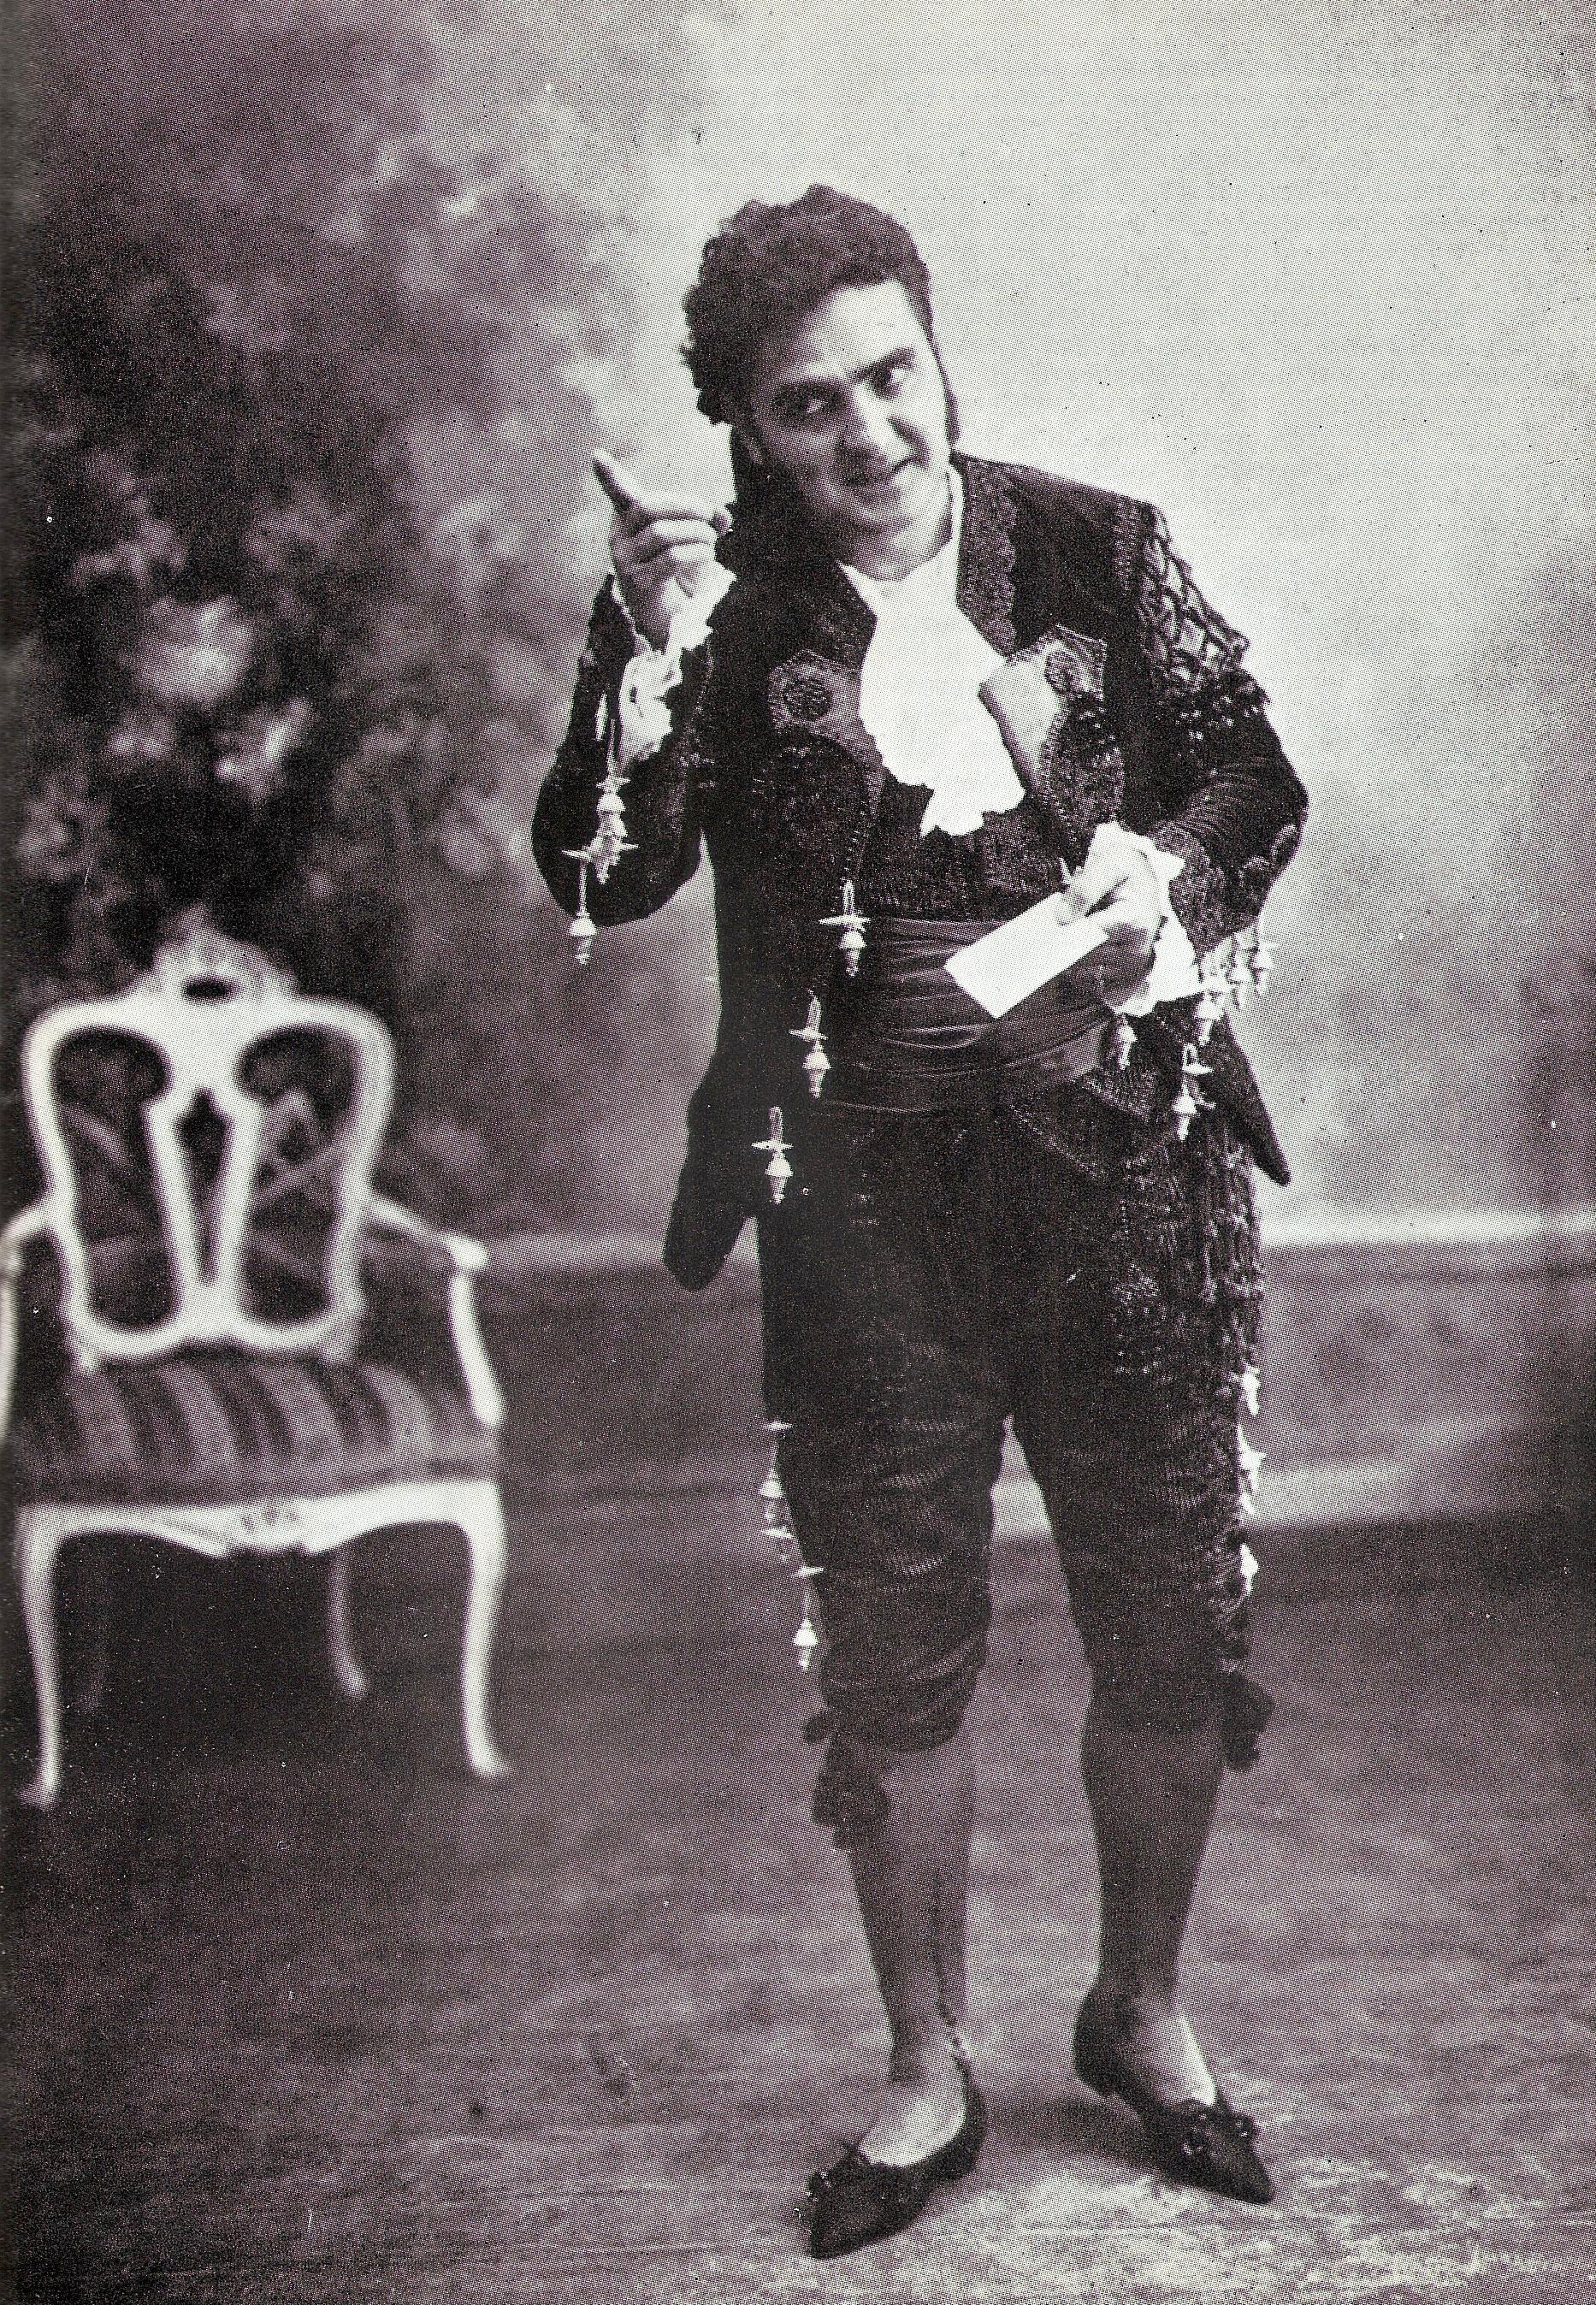 """Riccardo Stracciari interpreta Figaro ne """"Il Barbiere di Siviglia"""" di G. Rossini (immagine di pubblico dominio in quanto foto semplice a carattere non artistico scattata in Italia oltre 20 anni fa)"""